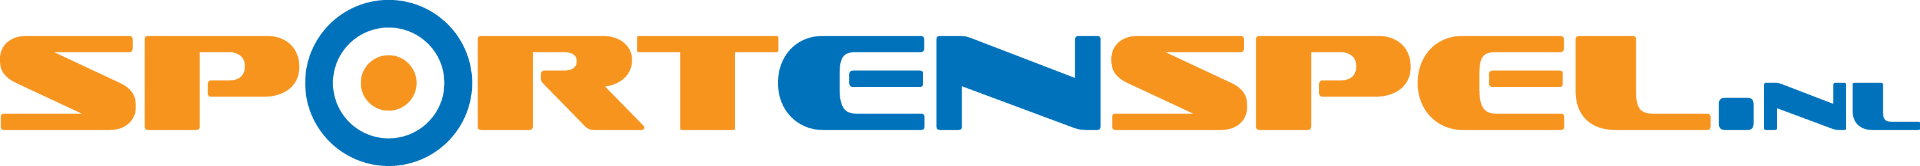 Sport en spel logo